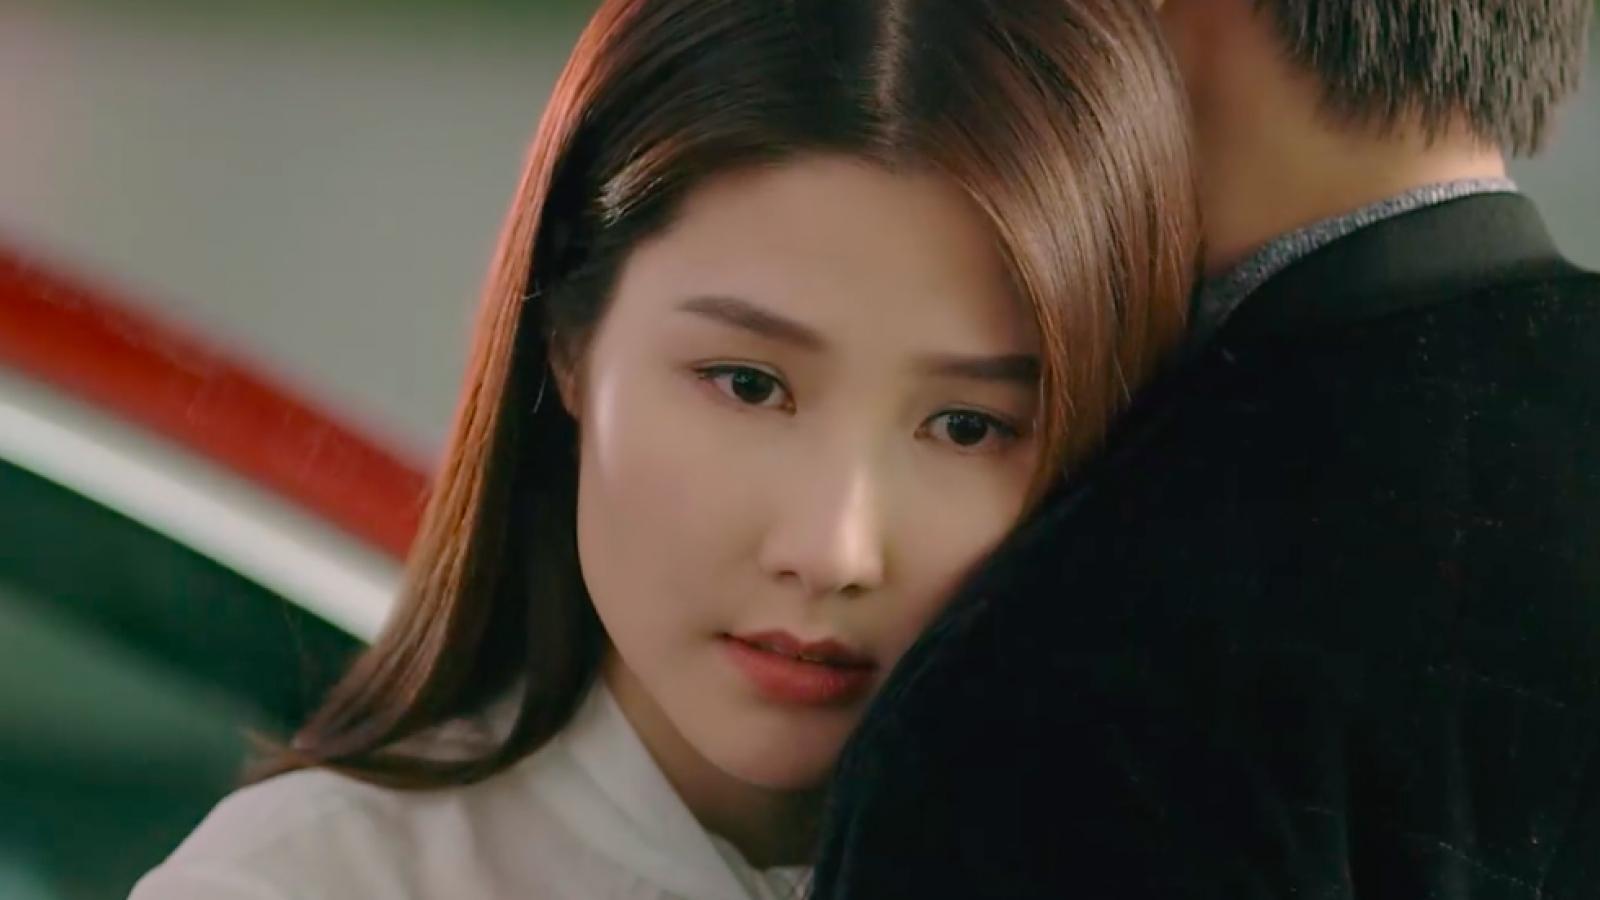 """""""Tình yêu và tham vọng"""" tập 40: Linh bất ngờ bày tỏ tình cảm với Minh"""